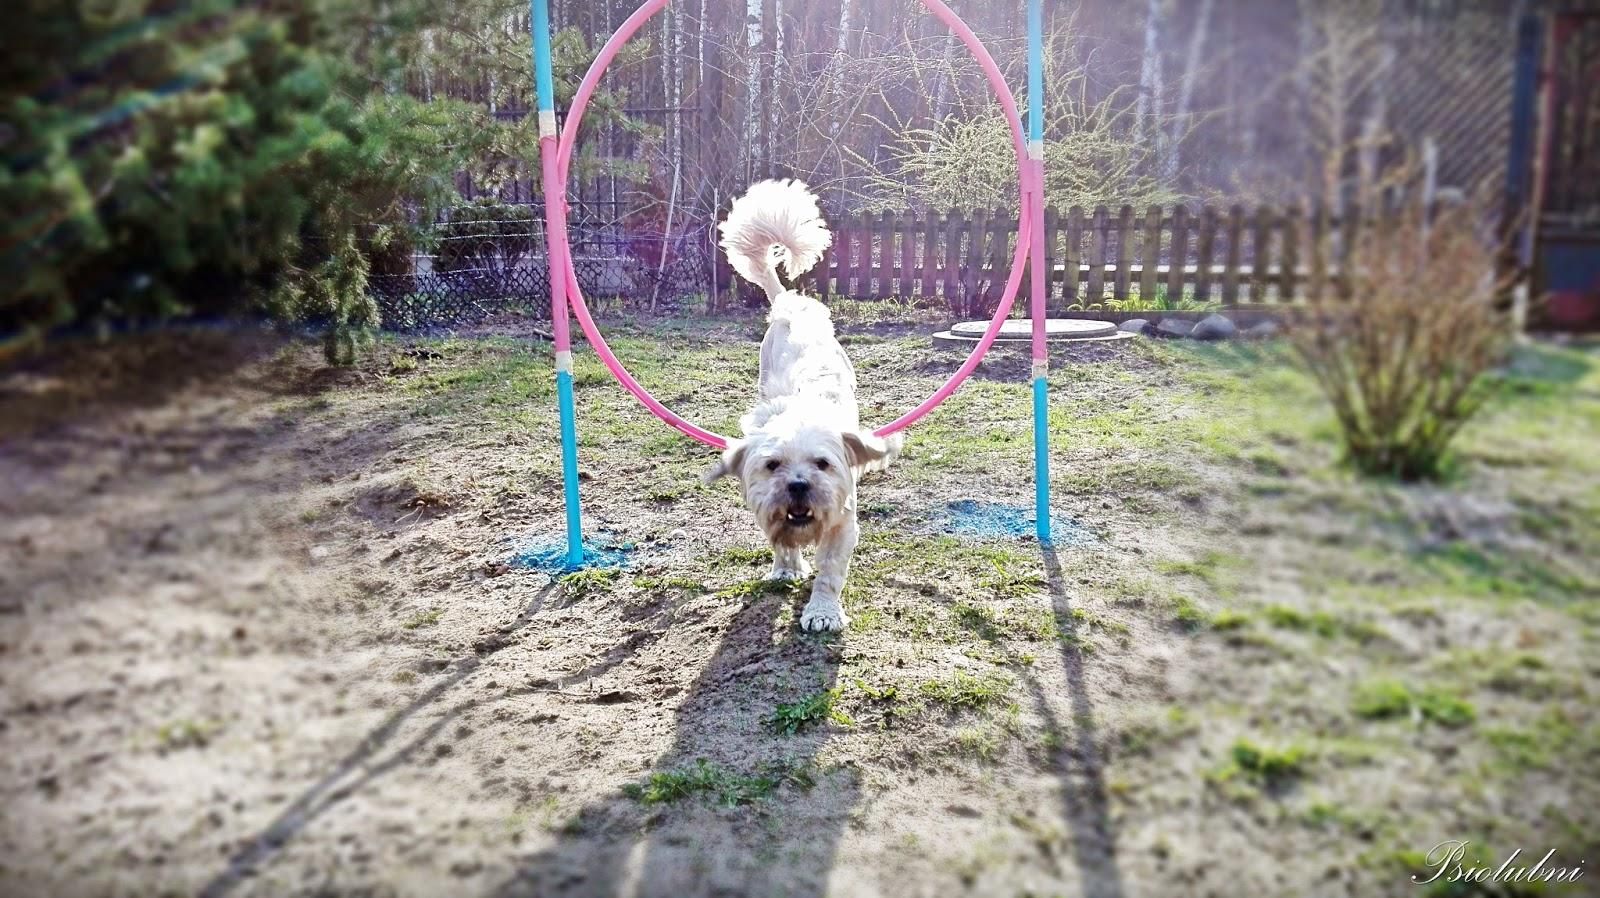 trening z psem, psie sztuczki, ćwiczenia, podstawy wychowania, wychowanie psa, sesja,